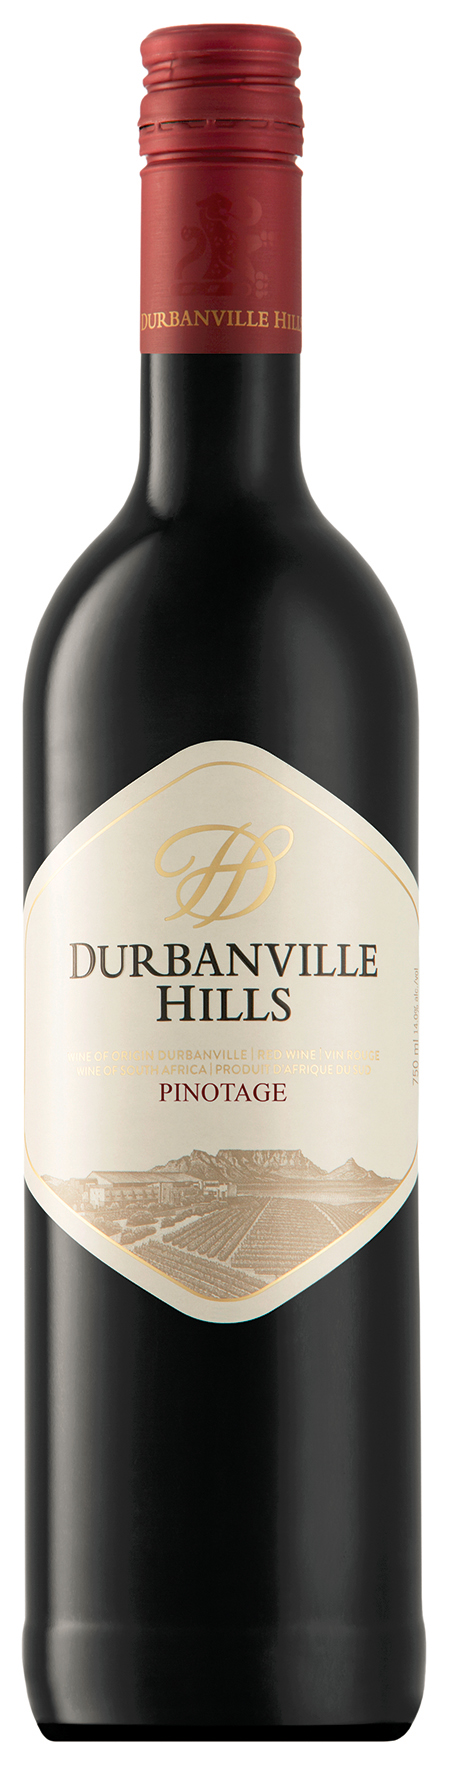 2013 Pinotage DURBANVILLE HILLS